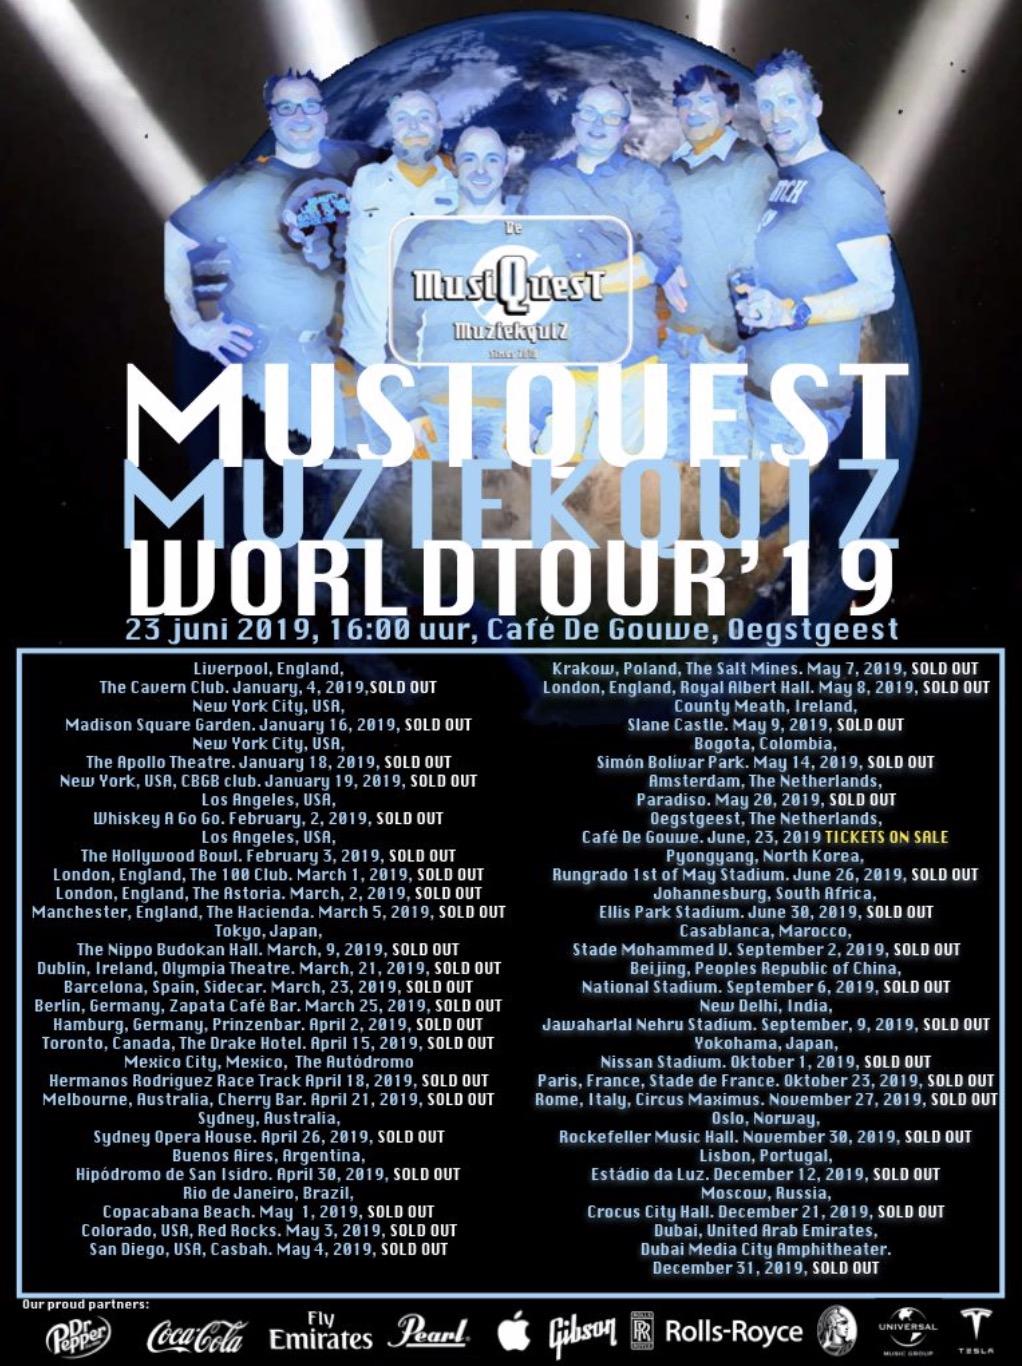 MusiQuest Worldtour in De Gouwe